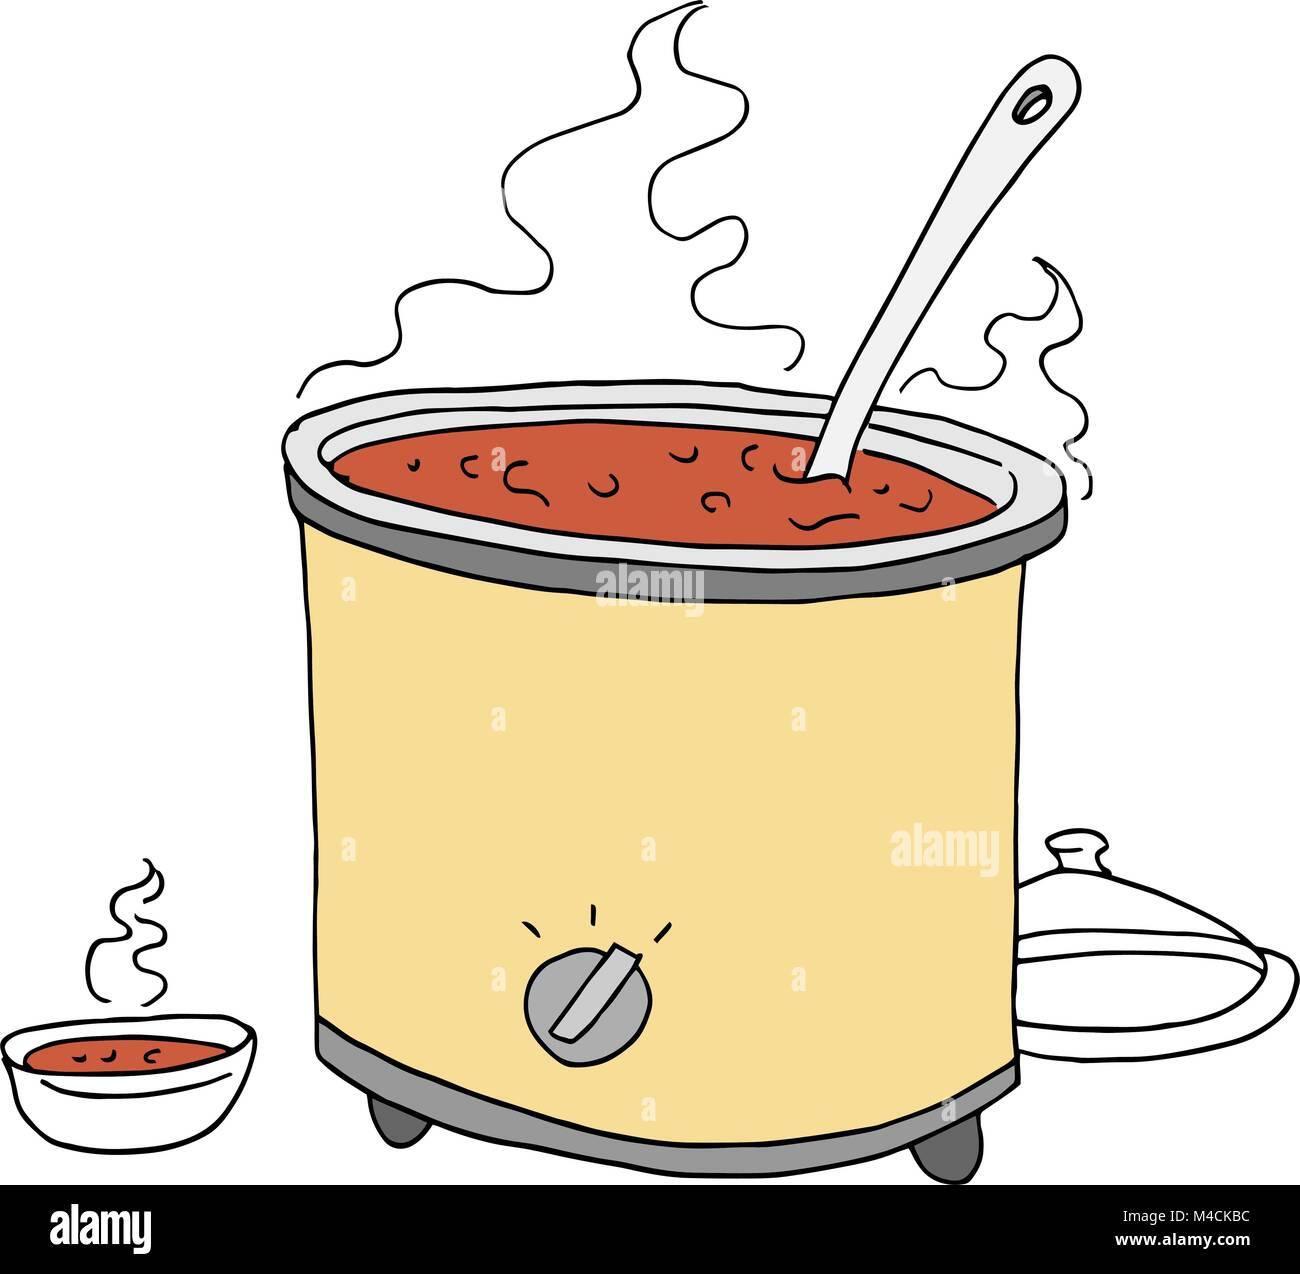 Cartoon Electric Cooker ~ Slow cooker cartoon stock photos